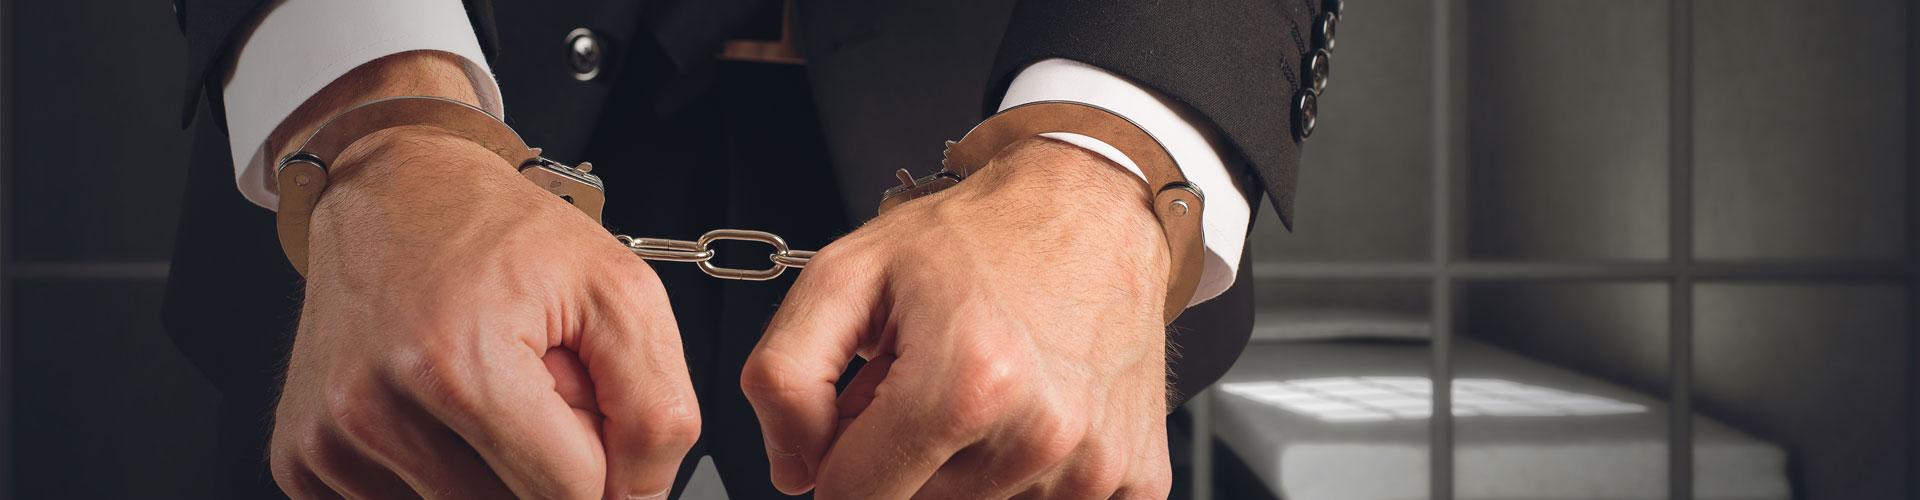 criminal-defense-slider